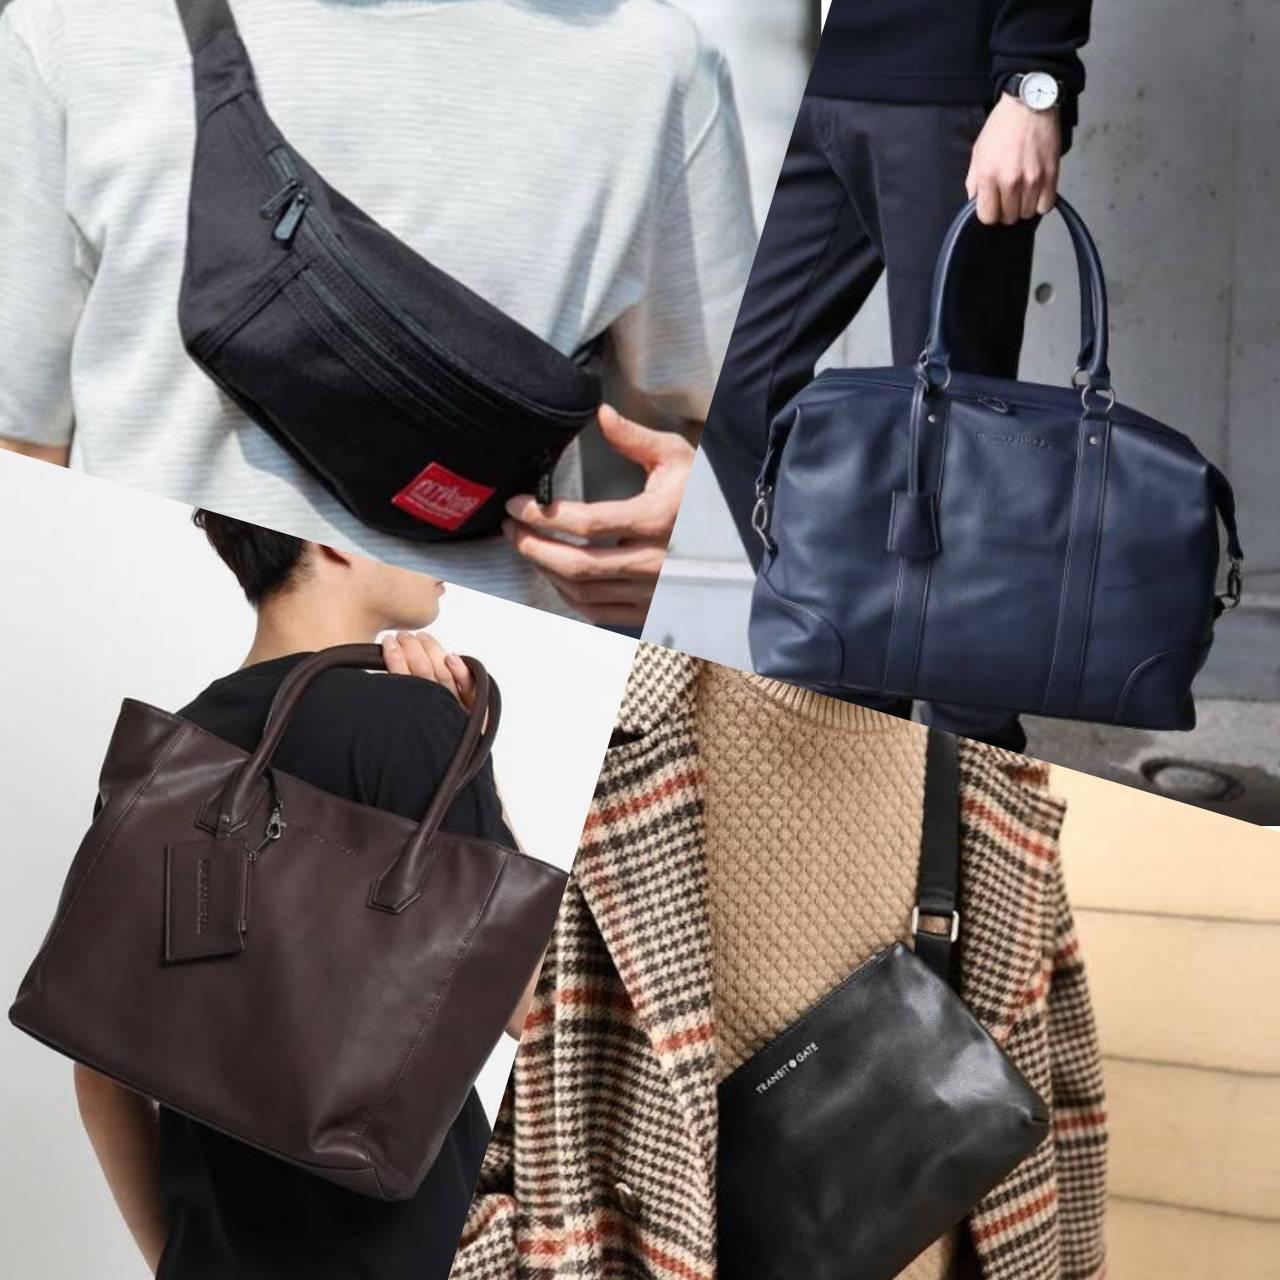 【婚活男性バッグ4選】婚活・お見合いで持っていくべき男性バッグアンケート!